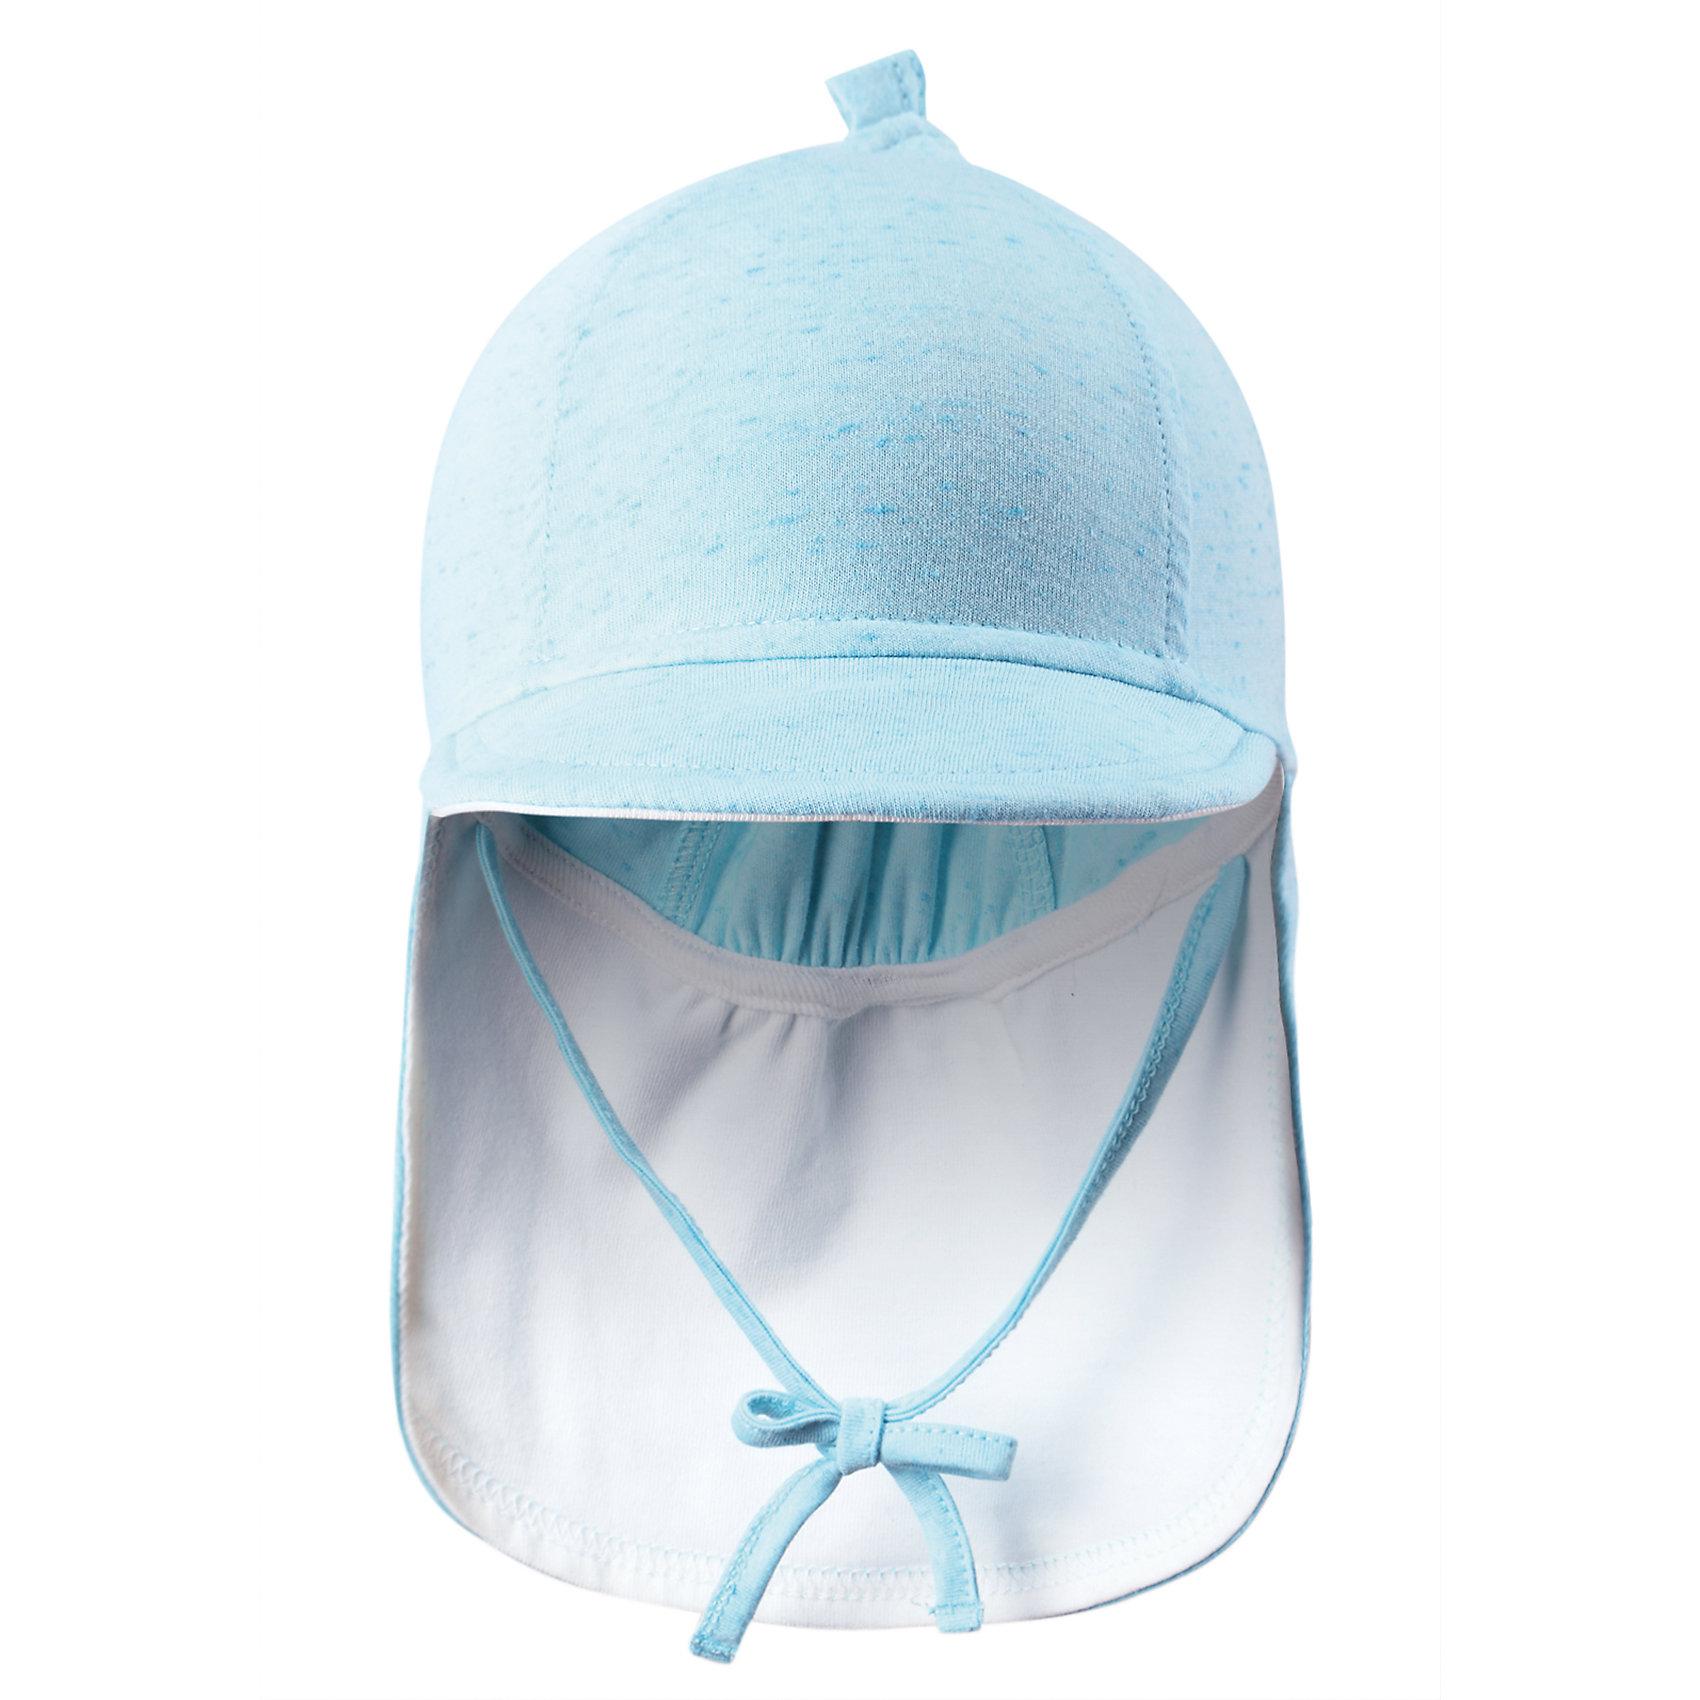 Шапка для мальчика ReimaСимпатичная шляпа – прекрасный компаньон для активного малыша в летний период! Сделанная из воздушного джерси, эластичная шляпа - мягкая и приятная на ощупь. Козырек спереди и широкие поля сзади защитят нежную кожу ребенка от солнца.<br><br>Дополнительная информация:<br><br>Модная панама для новорожденных малышей<br>Удлиненное поле сзади защищает шею<br>Козырек спереди защищает глаза от солнца<br><br>Шапку  Reima (Рейма) можно купить в нашем магазине.<br><br>Ширина мм: 89<br>Глубина мм: 117<br>Высота мм: 44<br>Вес г: 155<br>Цвет: голубой<br>Возраст от месяцев: 1<br>Возраст до месяцев: 2<br>Пол: Мужской<br>Возраст: Детский<br>Размер: 40,44<br>SKU: 4566072